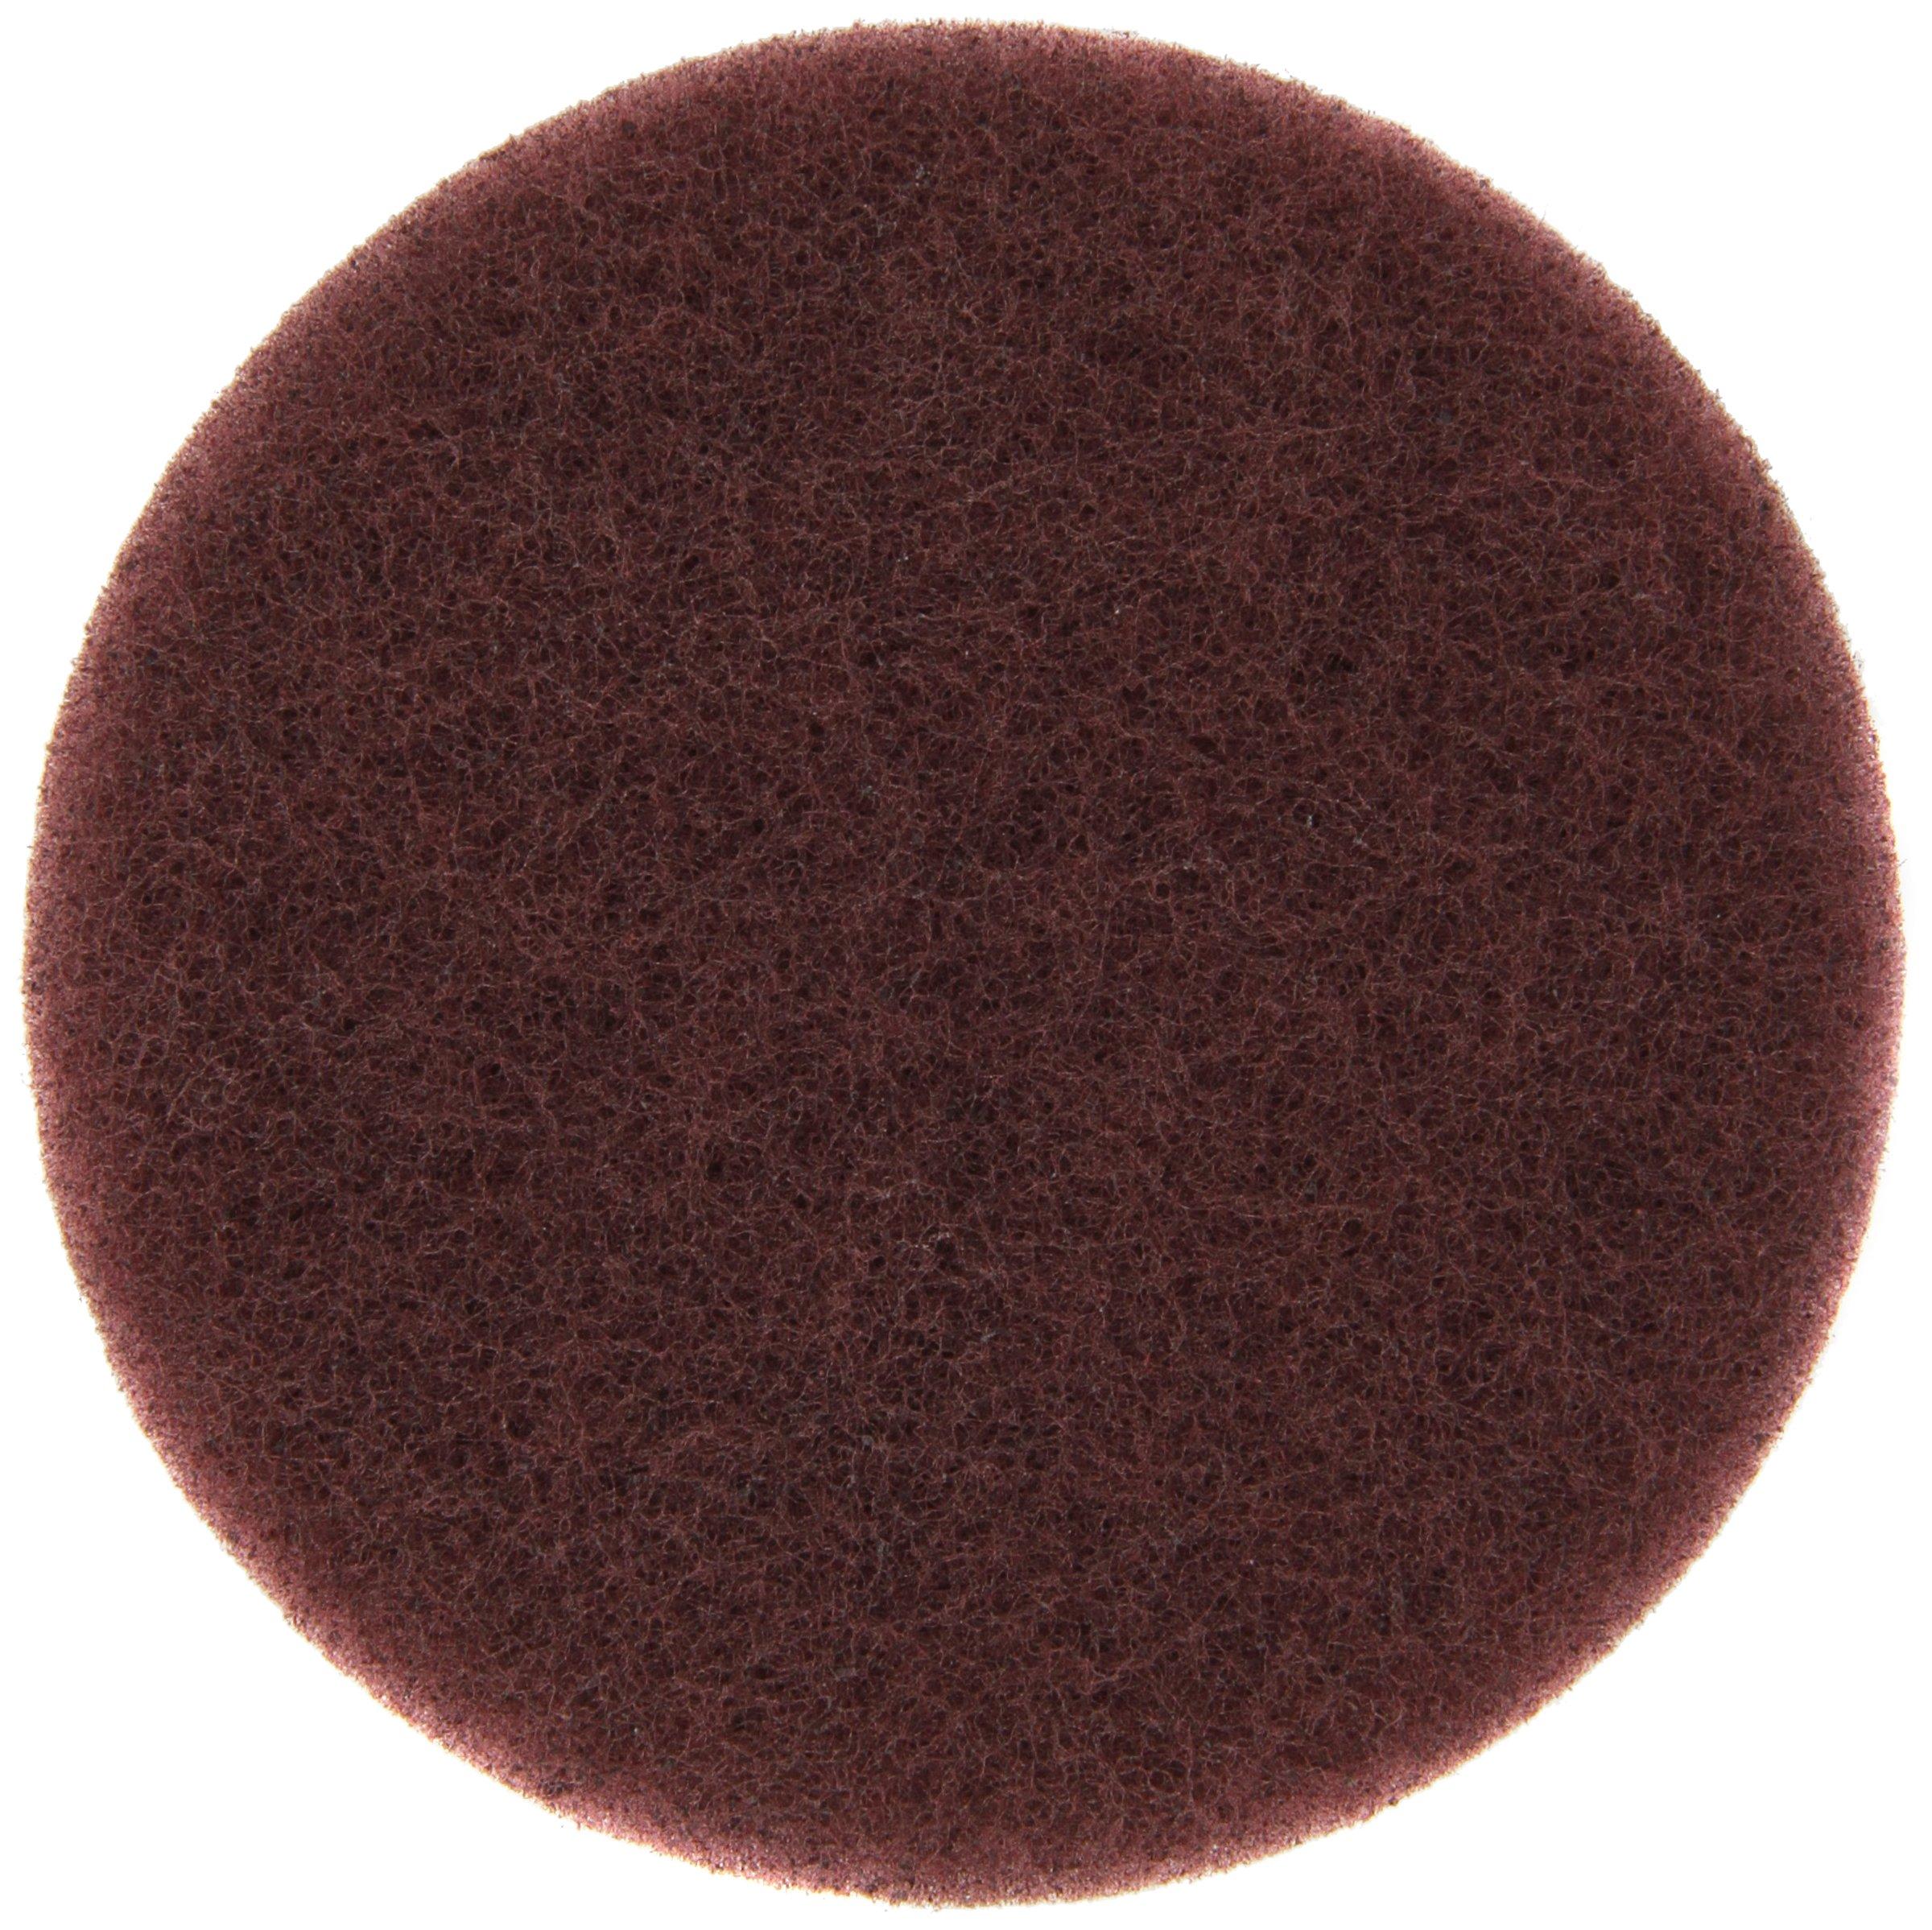 Scotch-Brite(TM) Clean and Finish Disc, Aluminum Oxide, 5 Diameter, A Very Fine Grit (Pack of 100) by Scotch-Brite